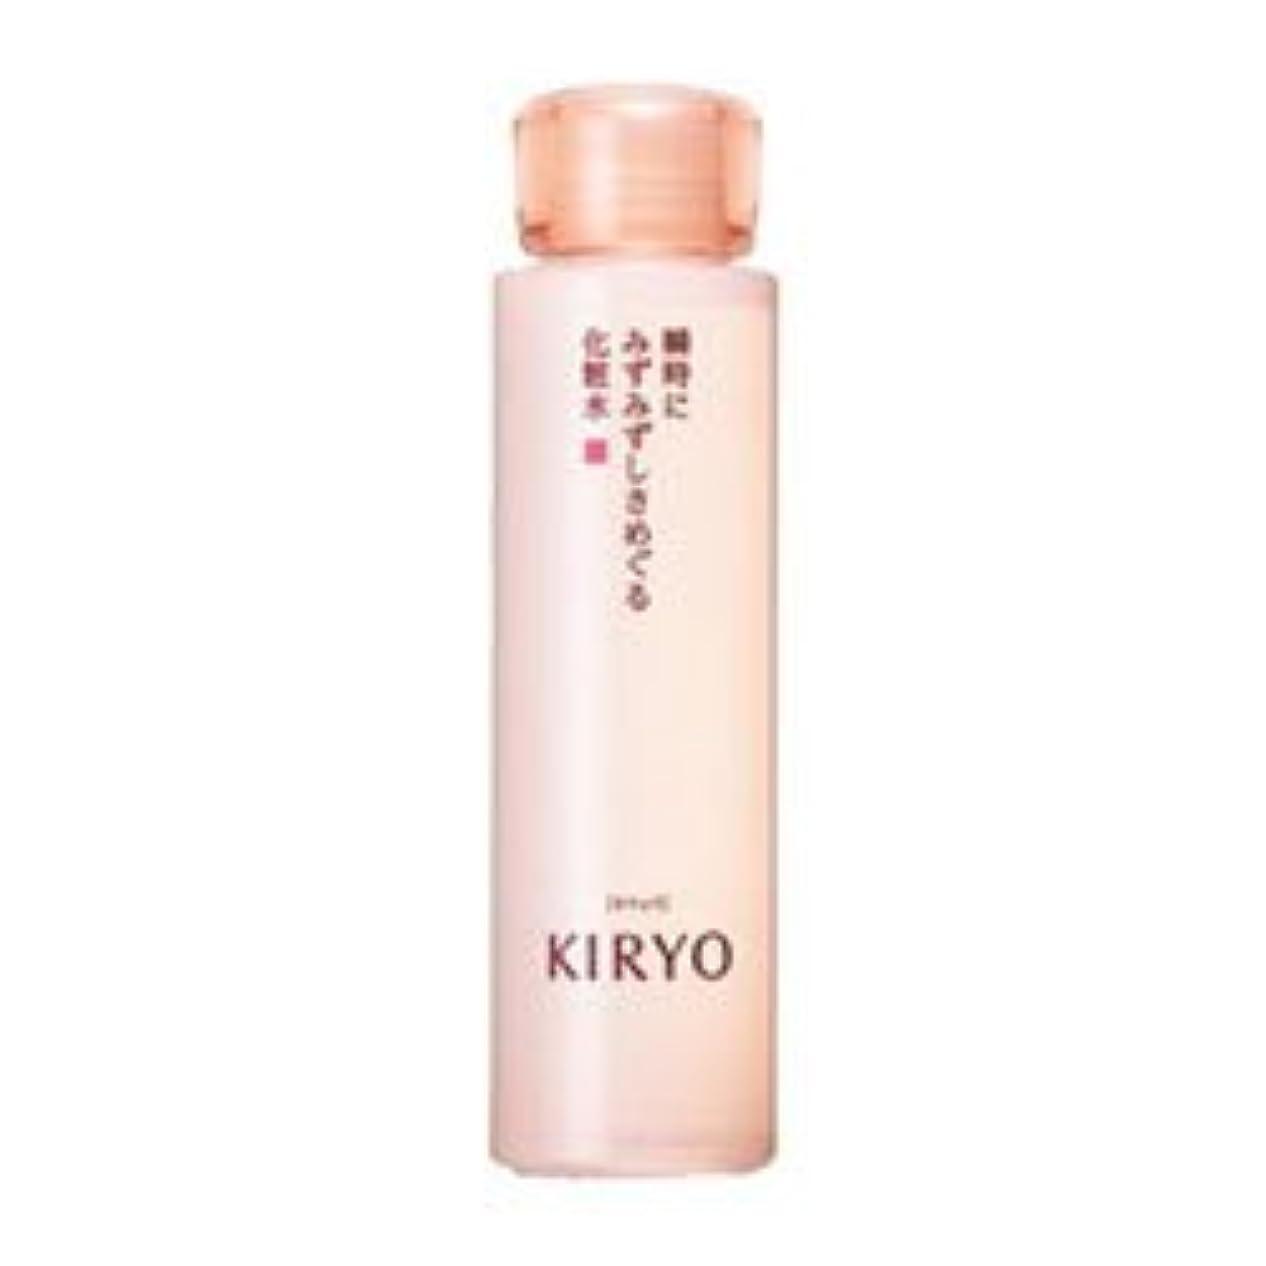 私危険スラム【資生堂】キリョウ ローションI(化粧水) 150ml ×3個セット